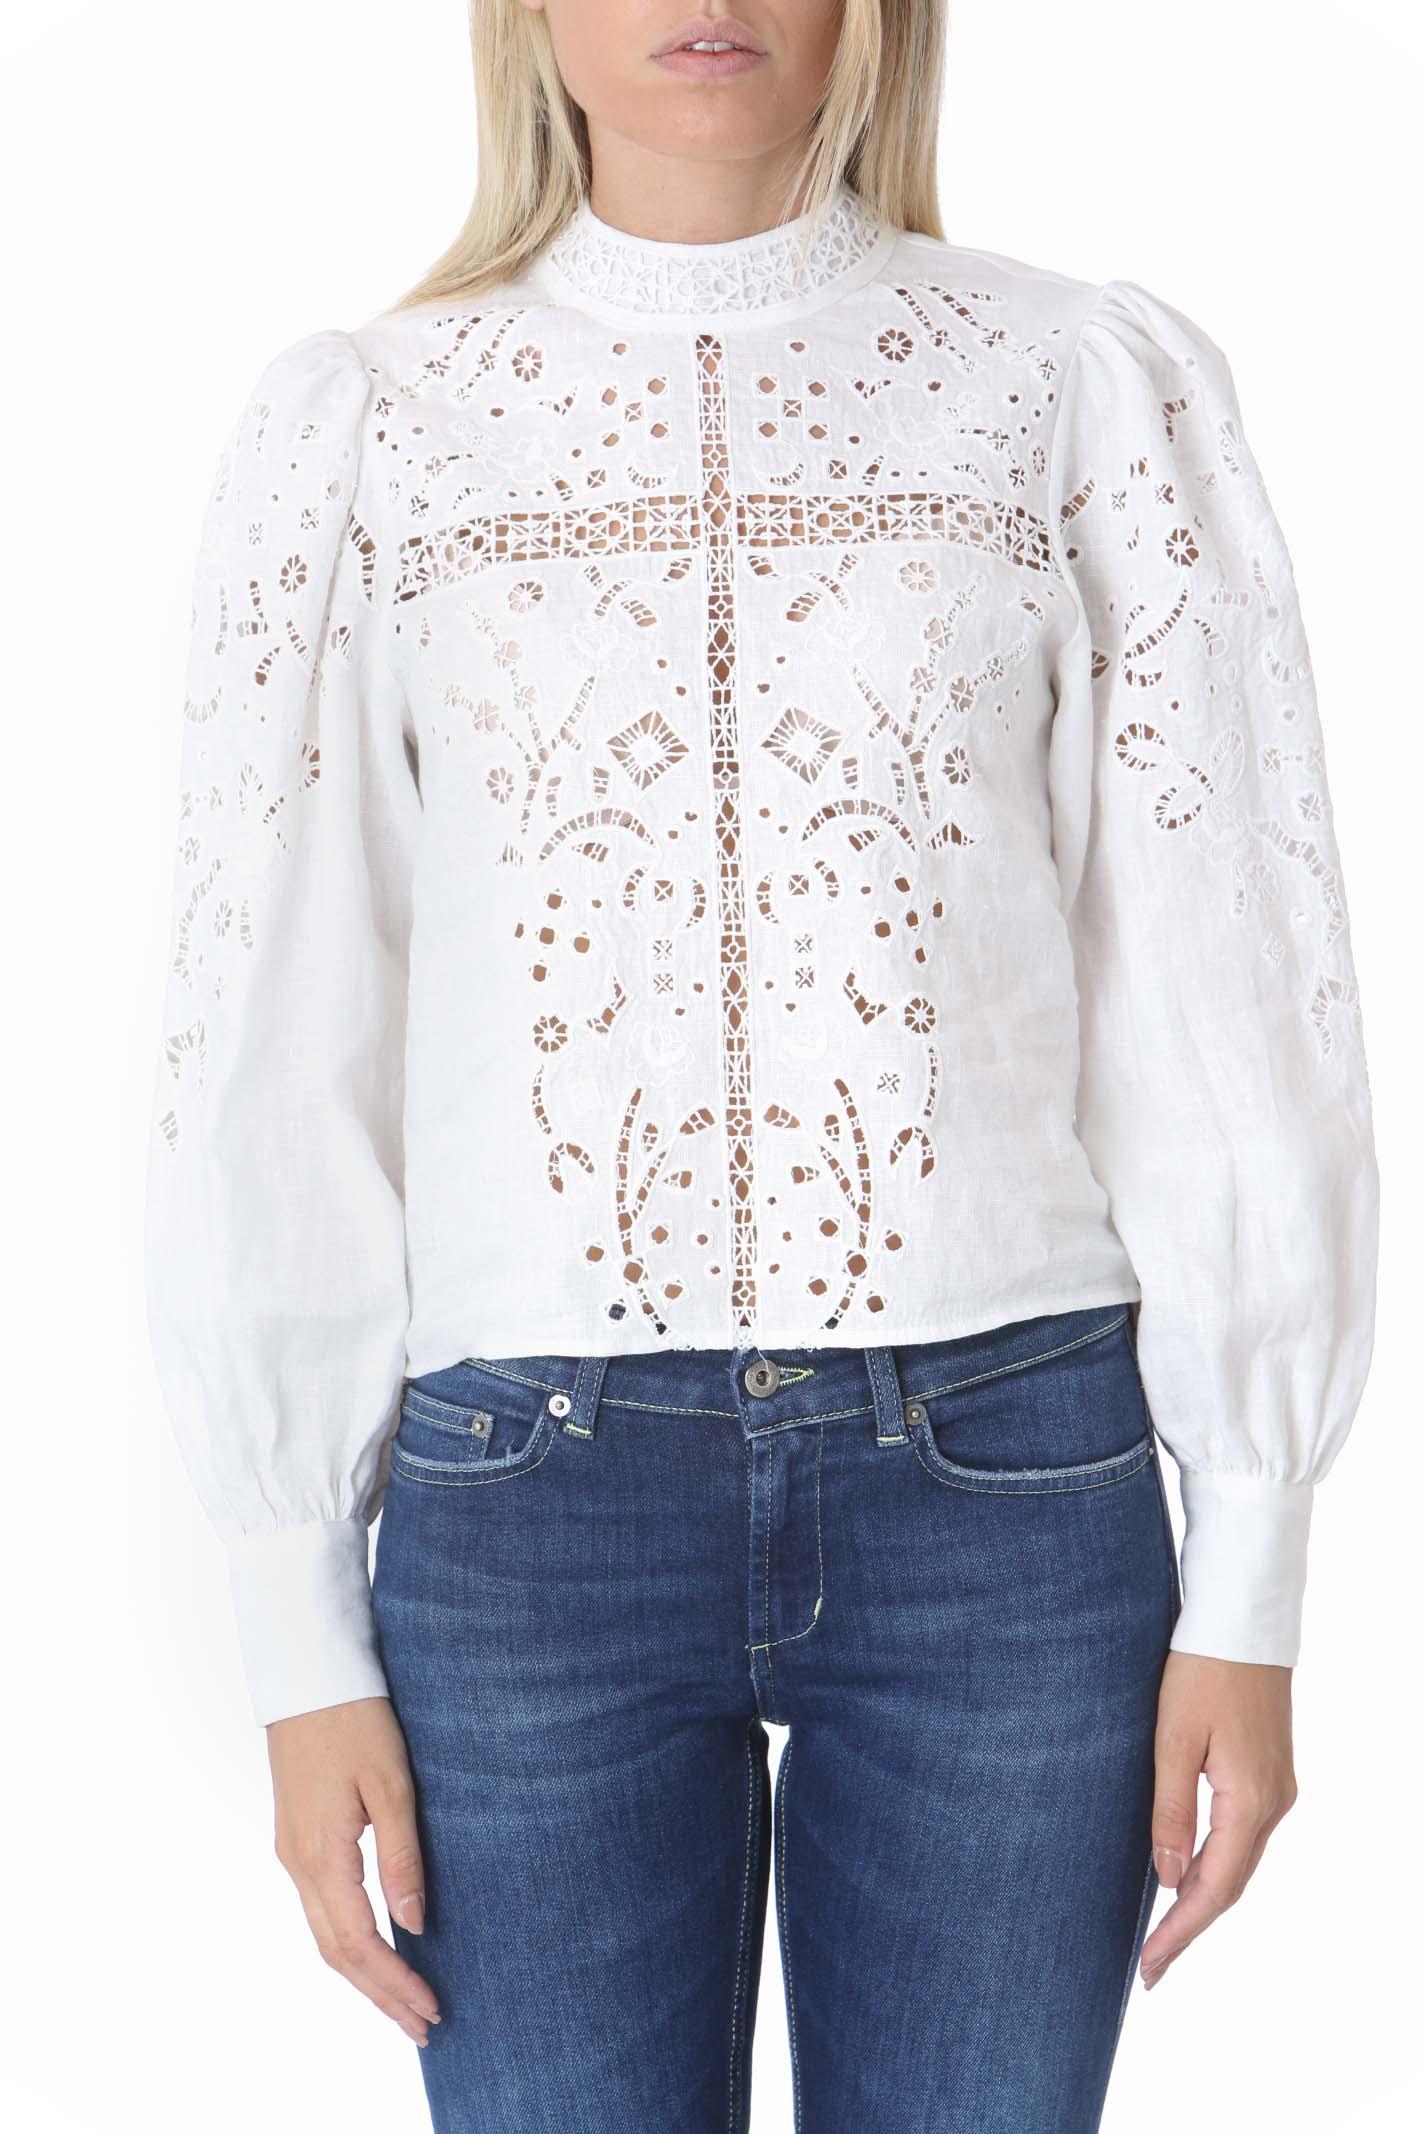 Camicia donna con inserti in pizzo LES COYOTES DE PARIS   Camicie   SHIVA-216-20-071104